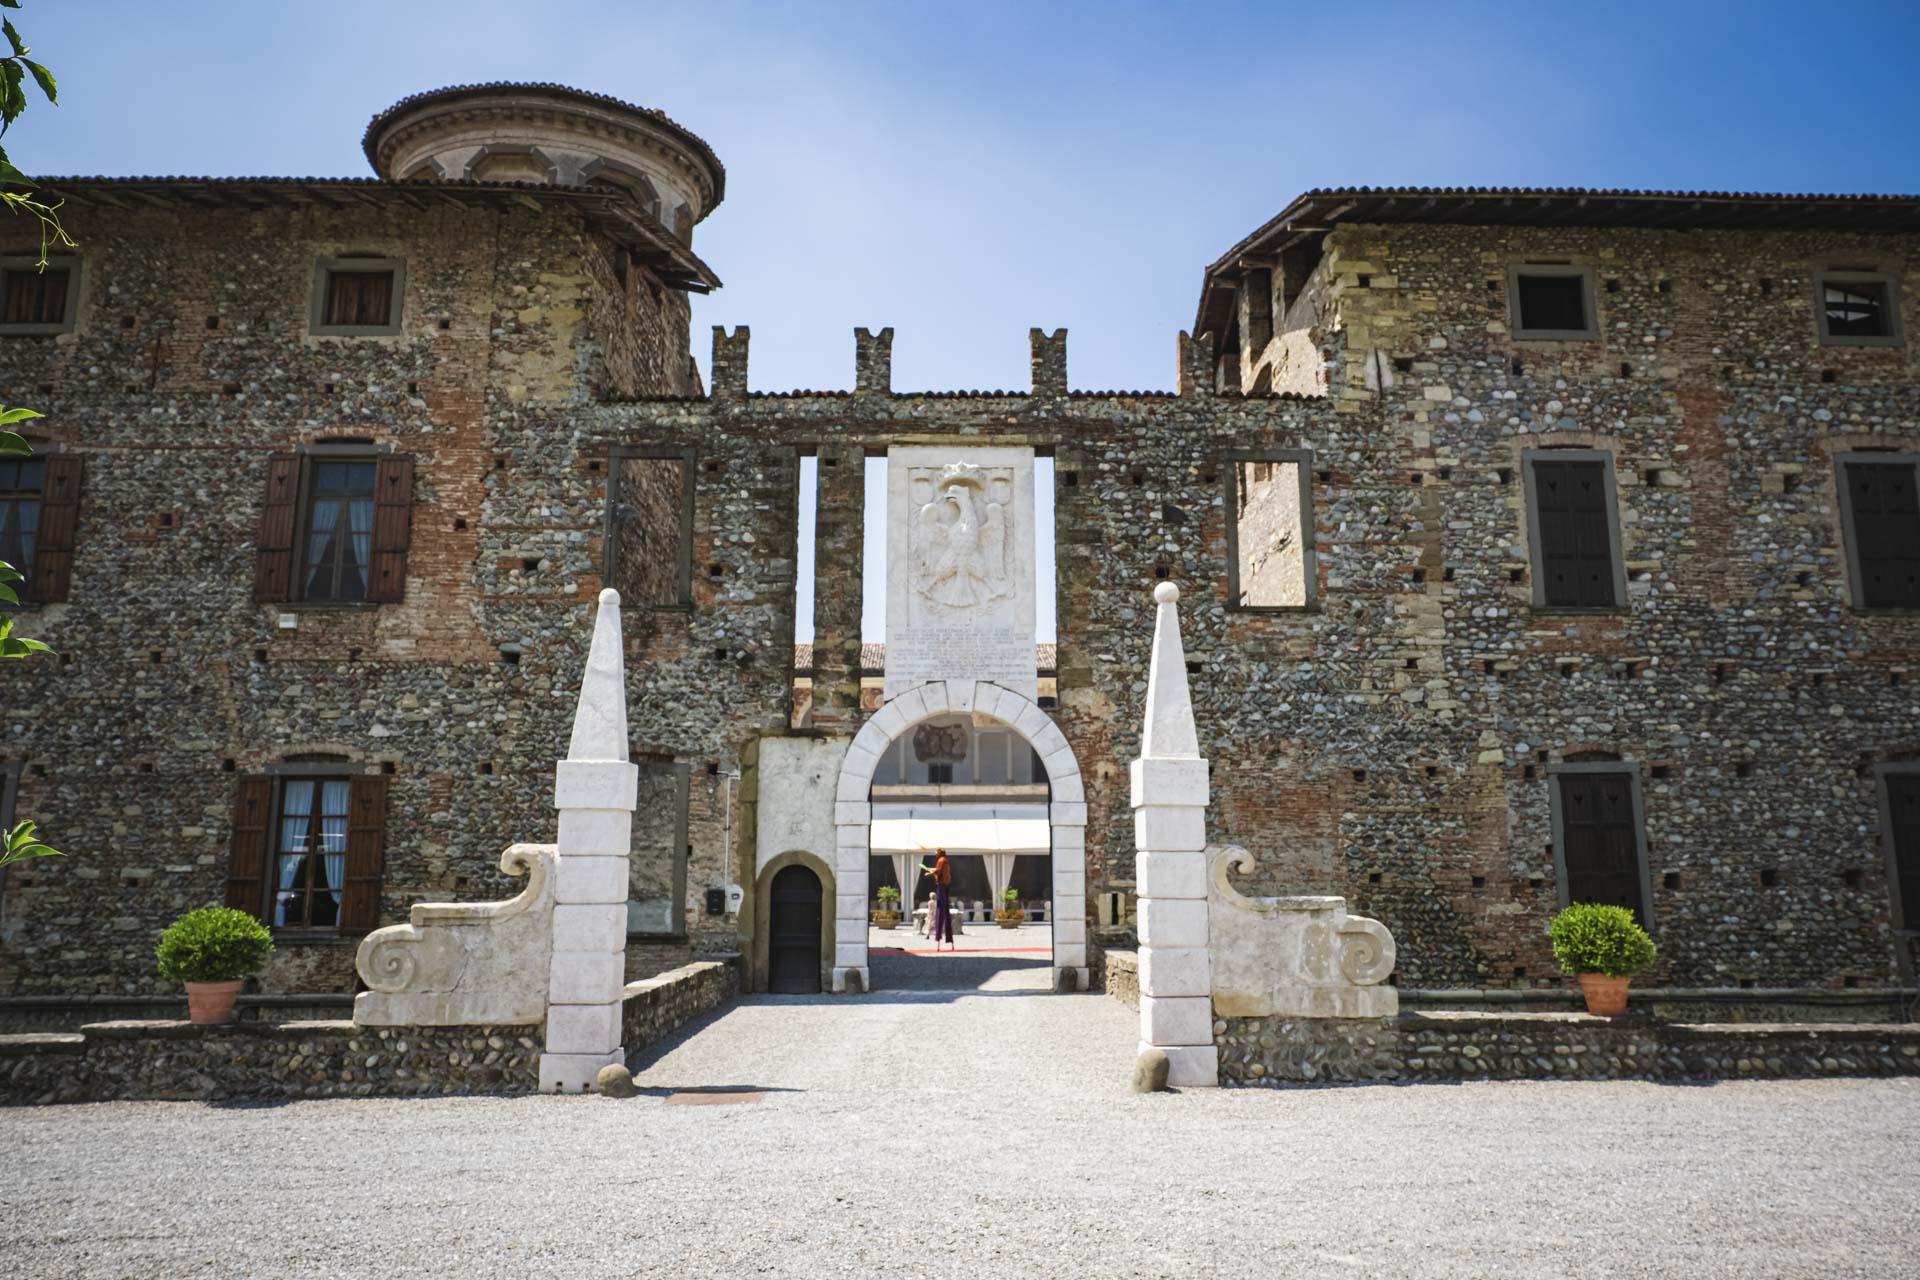 castello di cavernago ingresso